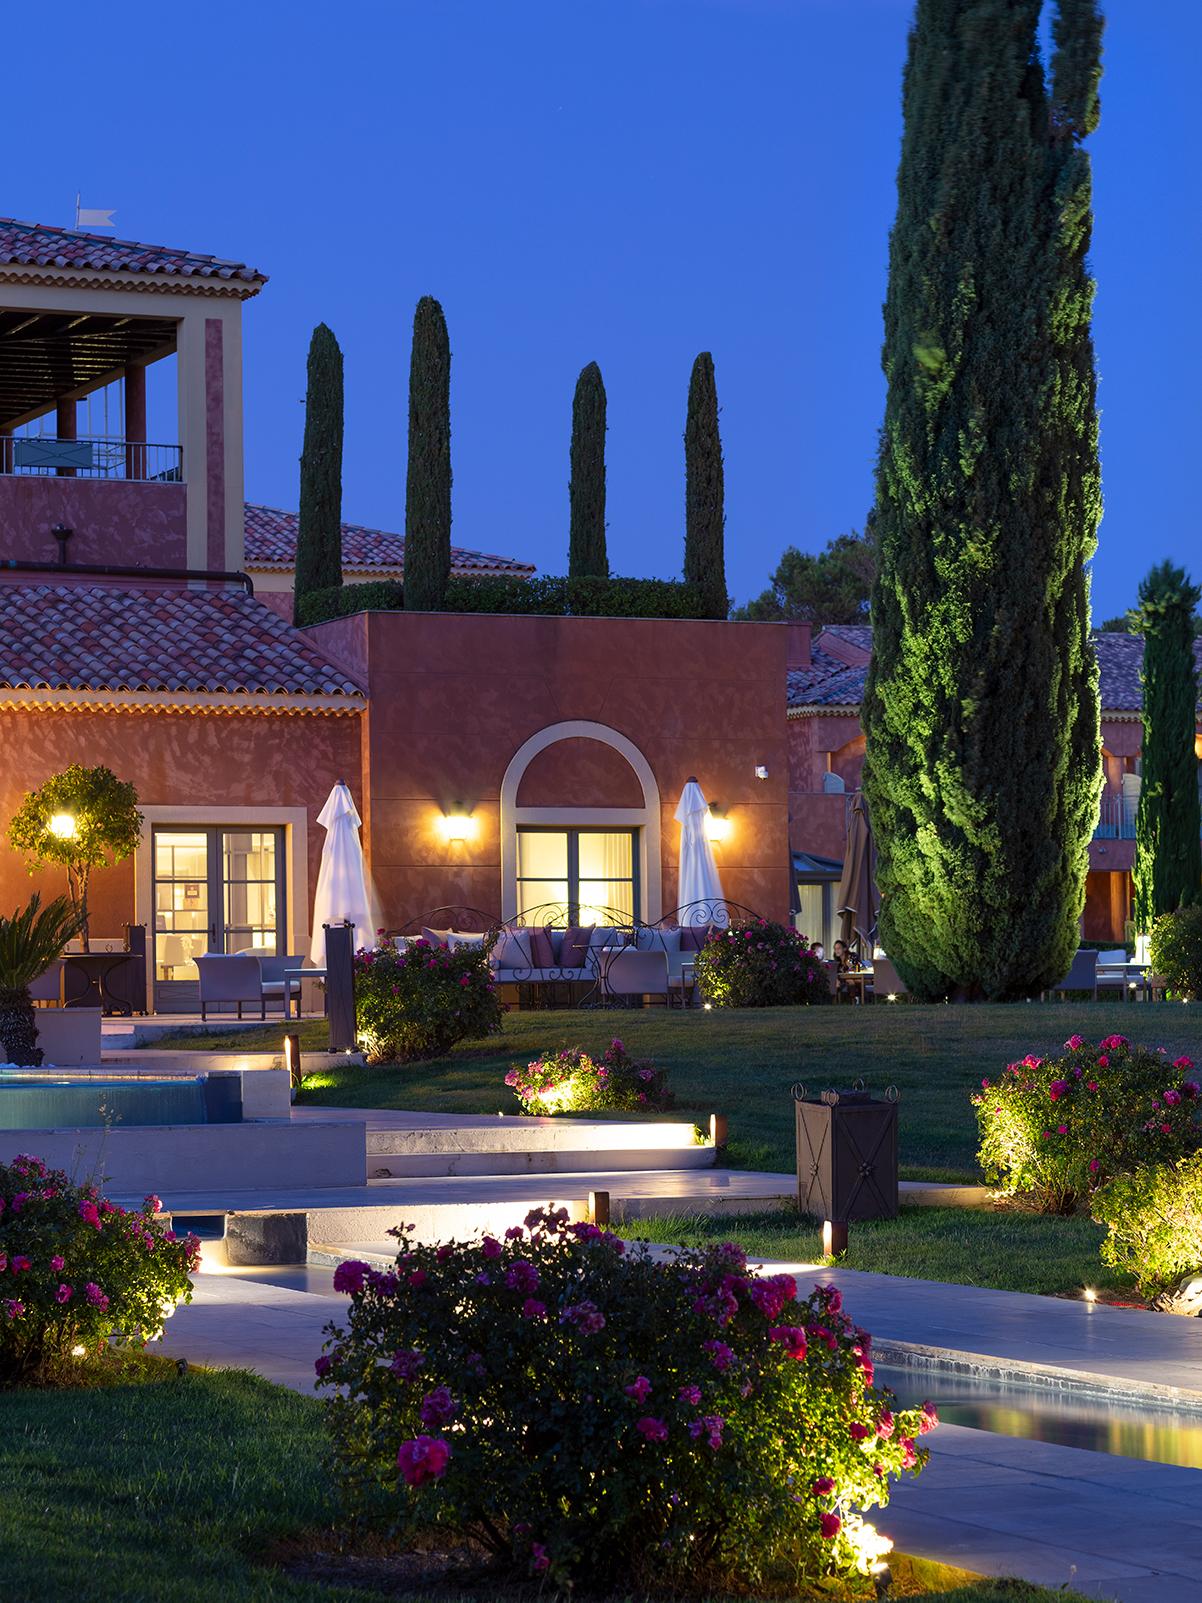 in-lite outdoor lighting, buitenverlichting, tuinverlichting